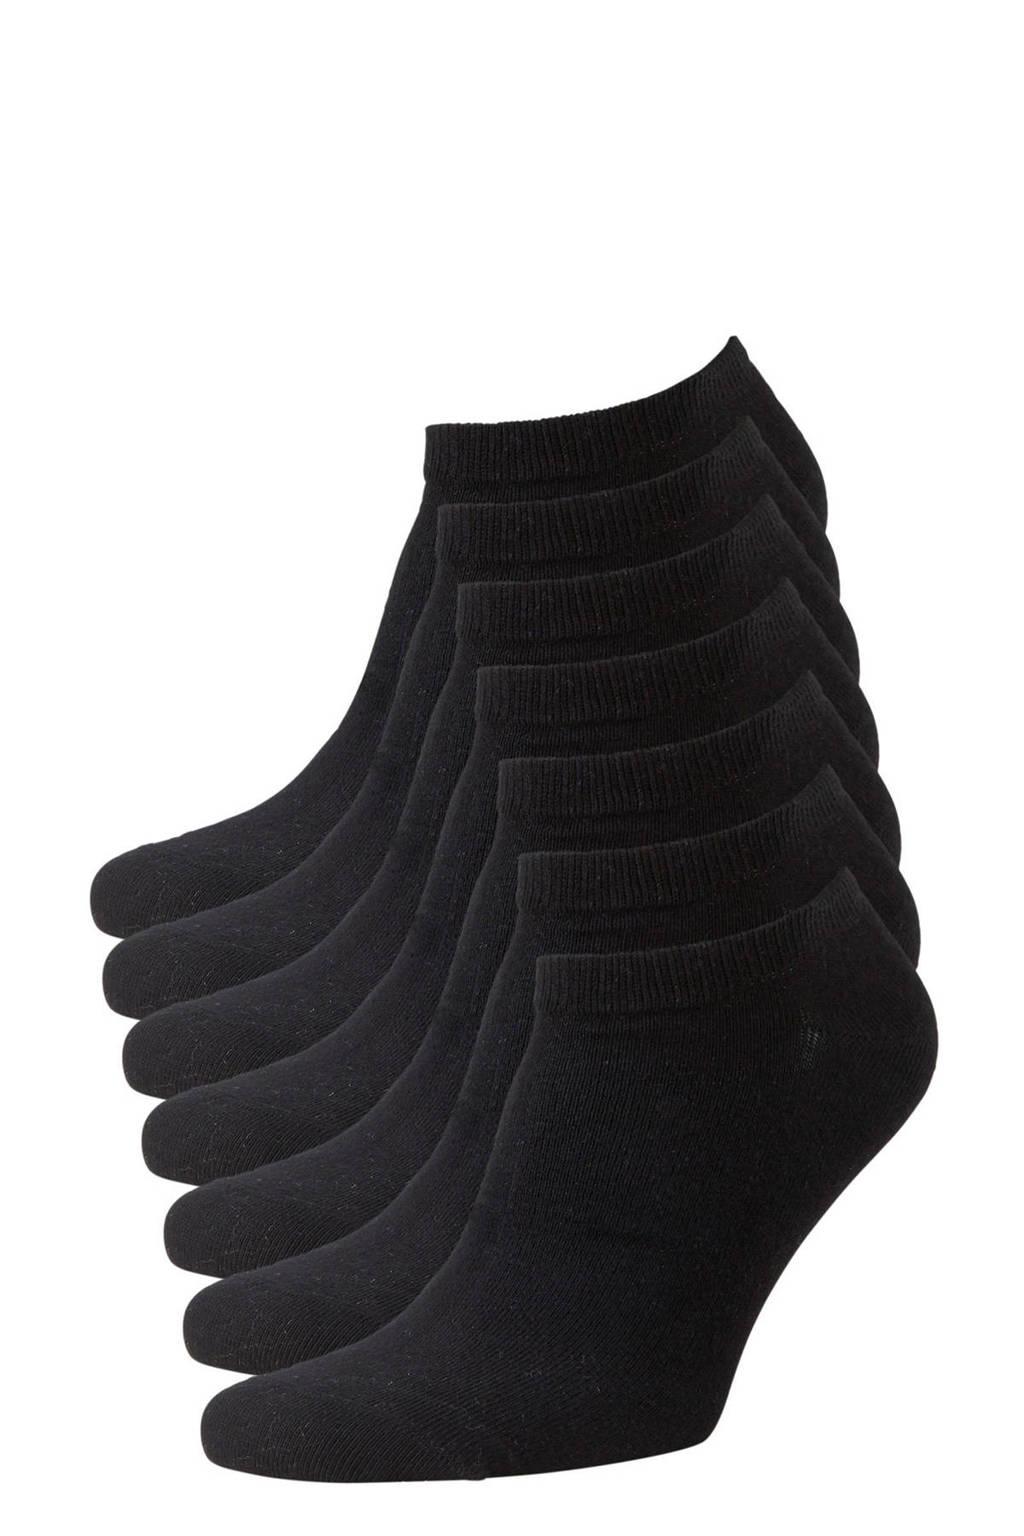 anytime sneakersokken - set van 7 zwart, Zwart